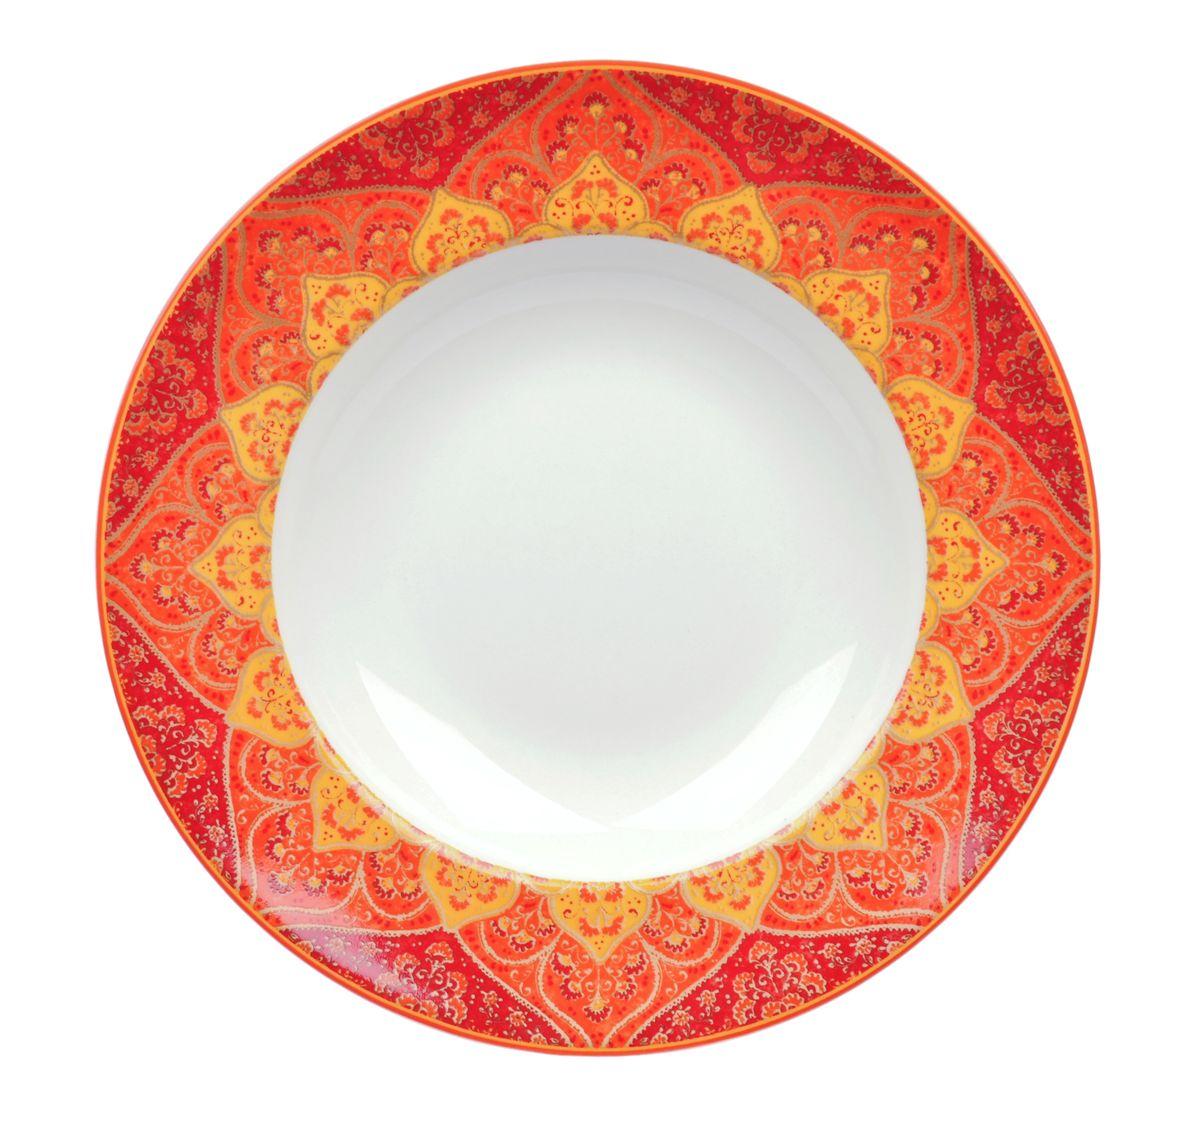 Тарелка глубокая Utana Кашан Рэд, диаметр 24 смUTKR94920Тарелка Utana Кашан Рэд изготовлена из высококачественной керамики. Предназначена для подачи супа или салата. Изделие декорировано оригинальным орнаментом. Такая тарелка украсит сервировку стола и подчеркнет прекрасный вкус хозяйки. Можно мыть в посудомоечной машине и использовать в СВЧ. Диаметр: 24 см. Высота: 4,5 см.